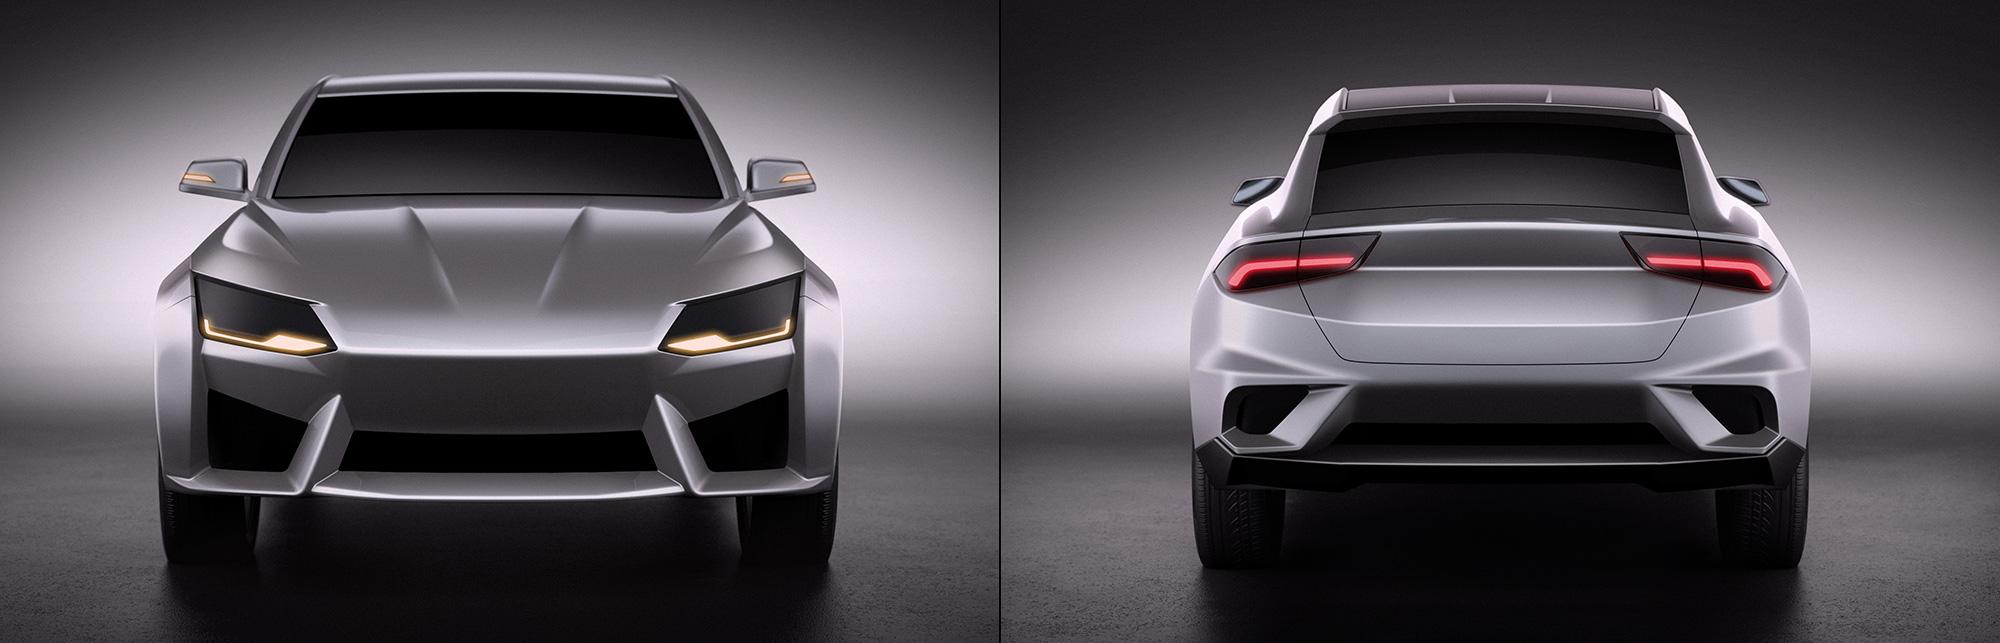 Compact SUV design by Miroslav Dimitrov